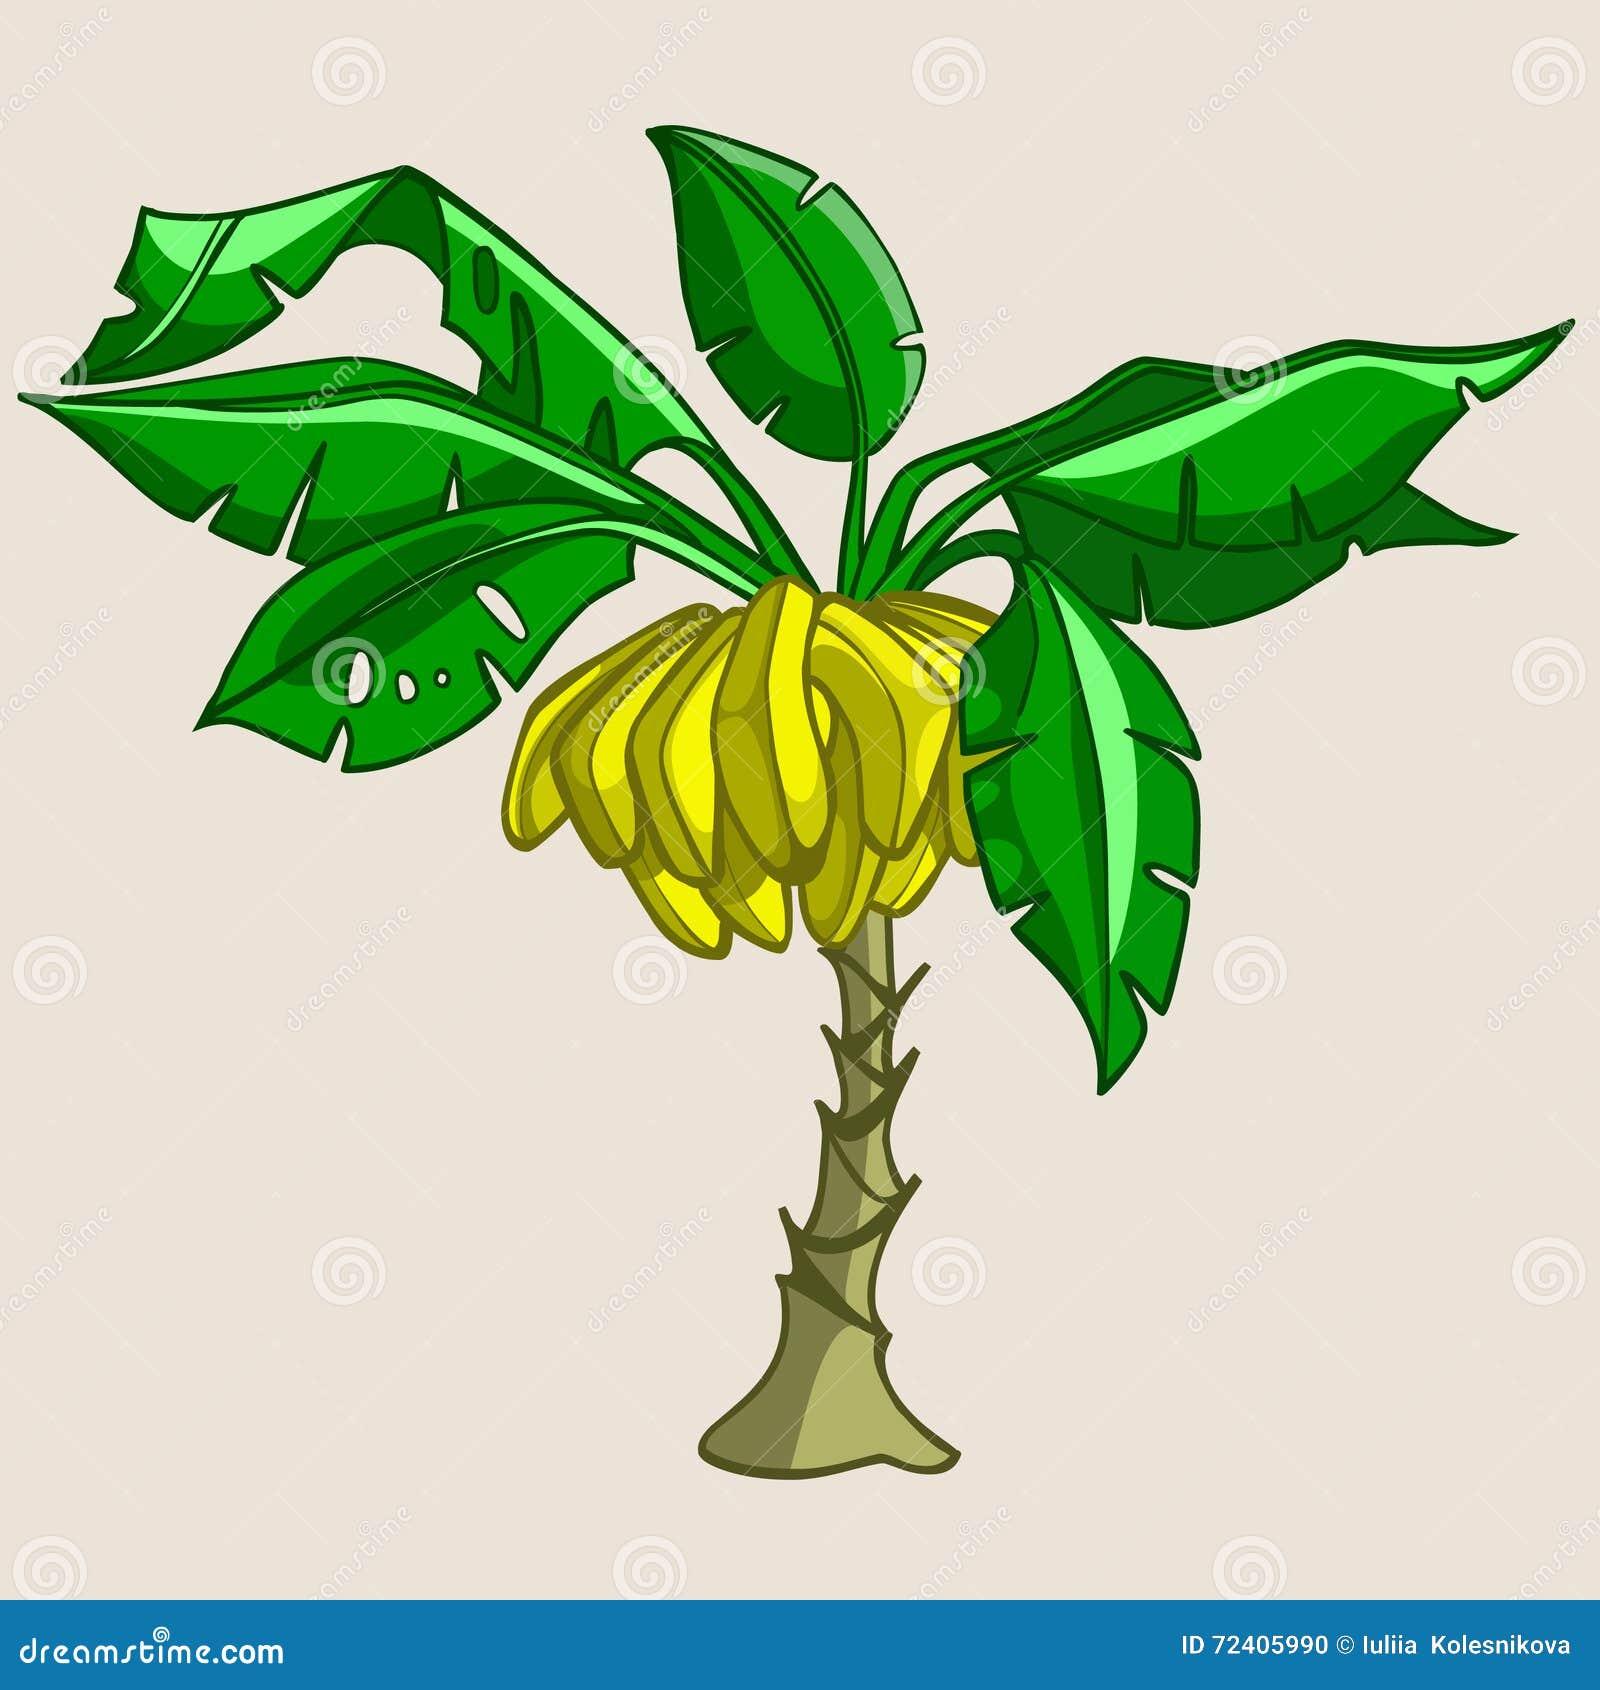 Cartoon Banana Tree With Bananas Stock Vector - Image: 72405990